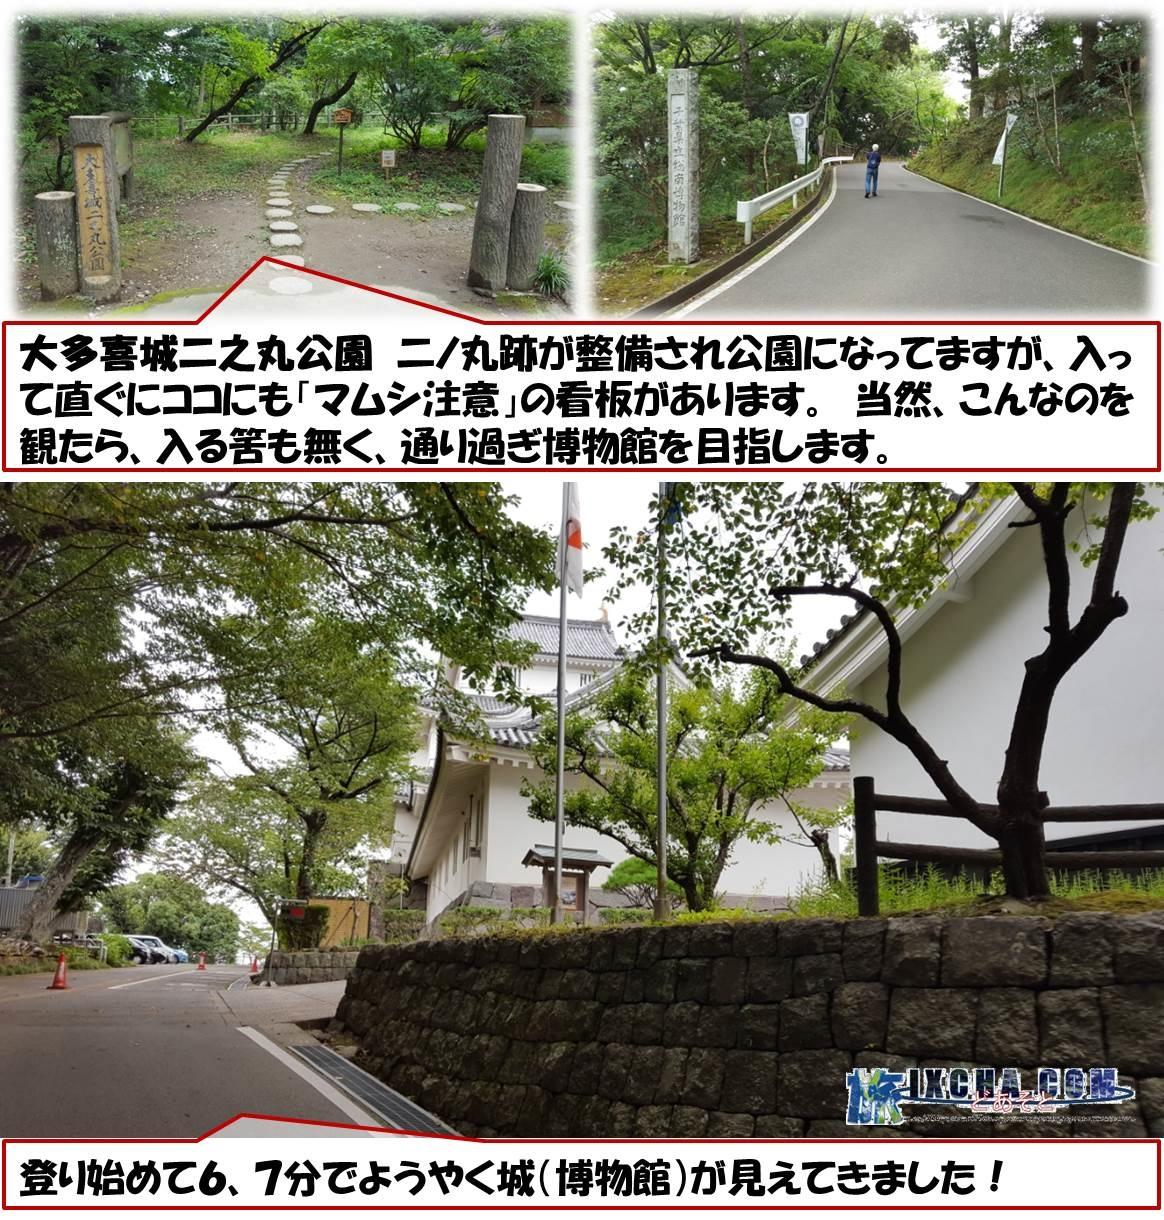 大多喜城二之丸公園 二ノ丸跡が整備され公園になってますが、入って直ぐにココにも「マムシ注意」の看板があります。 当然、こんなのを観たら、入る筈も無く、通り過ぎ博物館を目指します。 登り始めて6、7分でようやく城(博物館)が見えてきました!